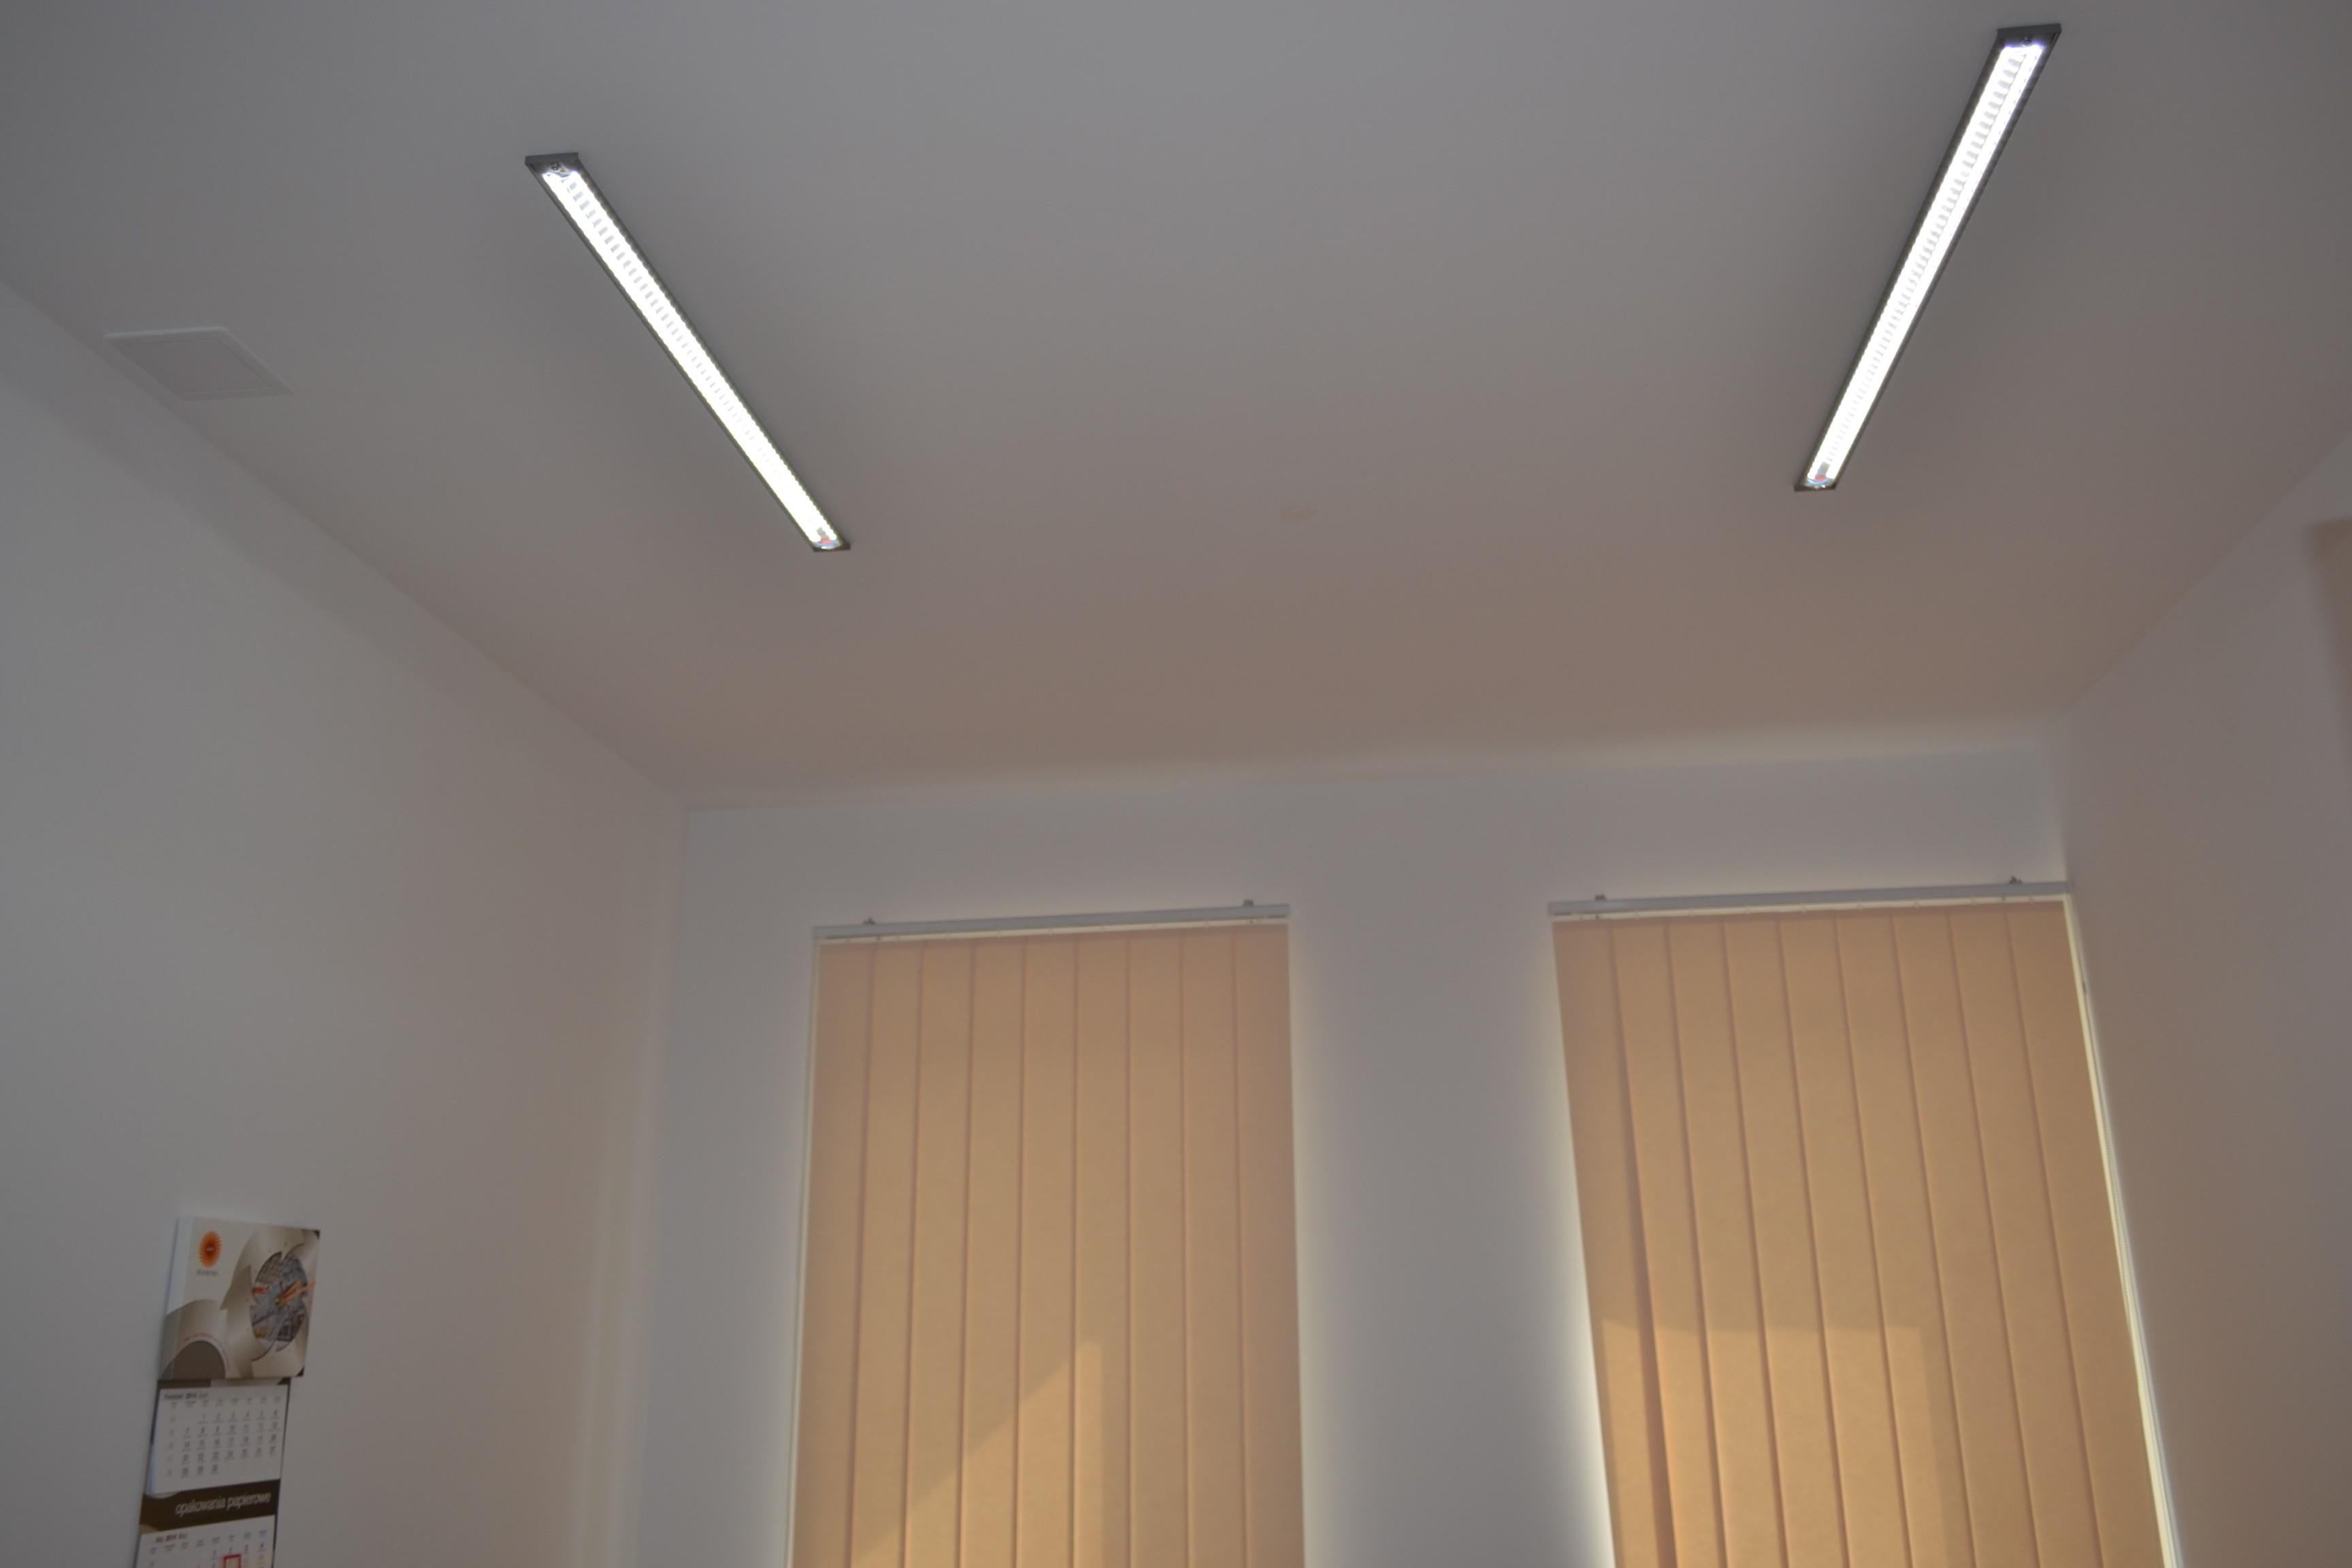 Slimled Energooszczędne Oświetlenie Led